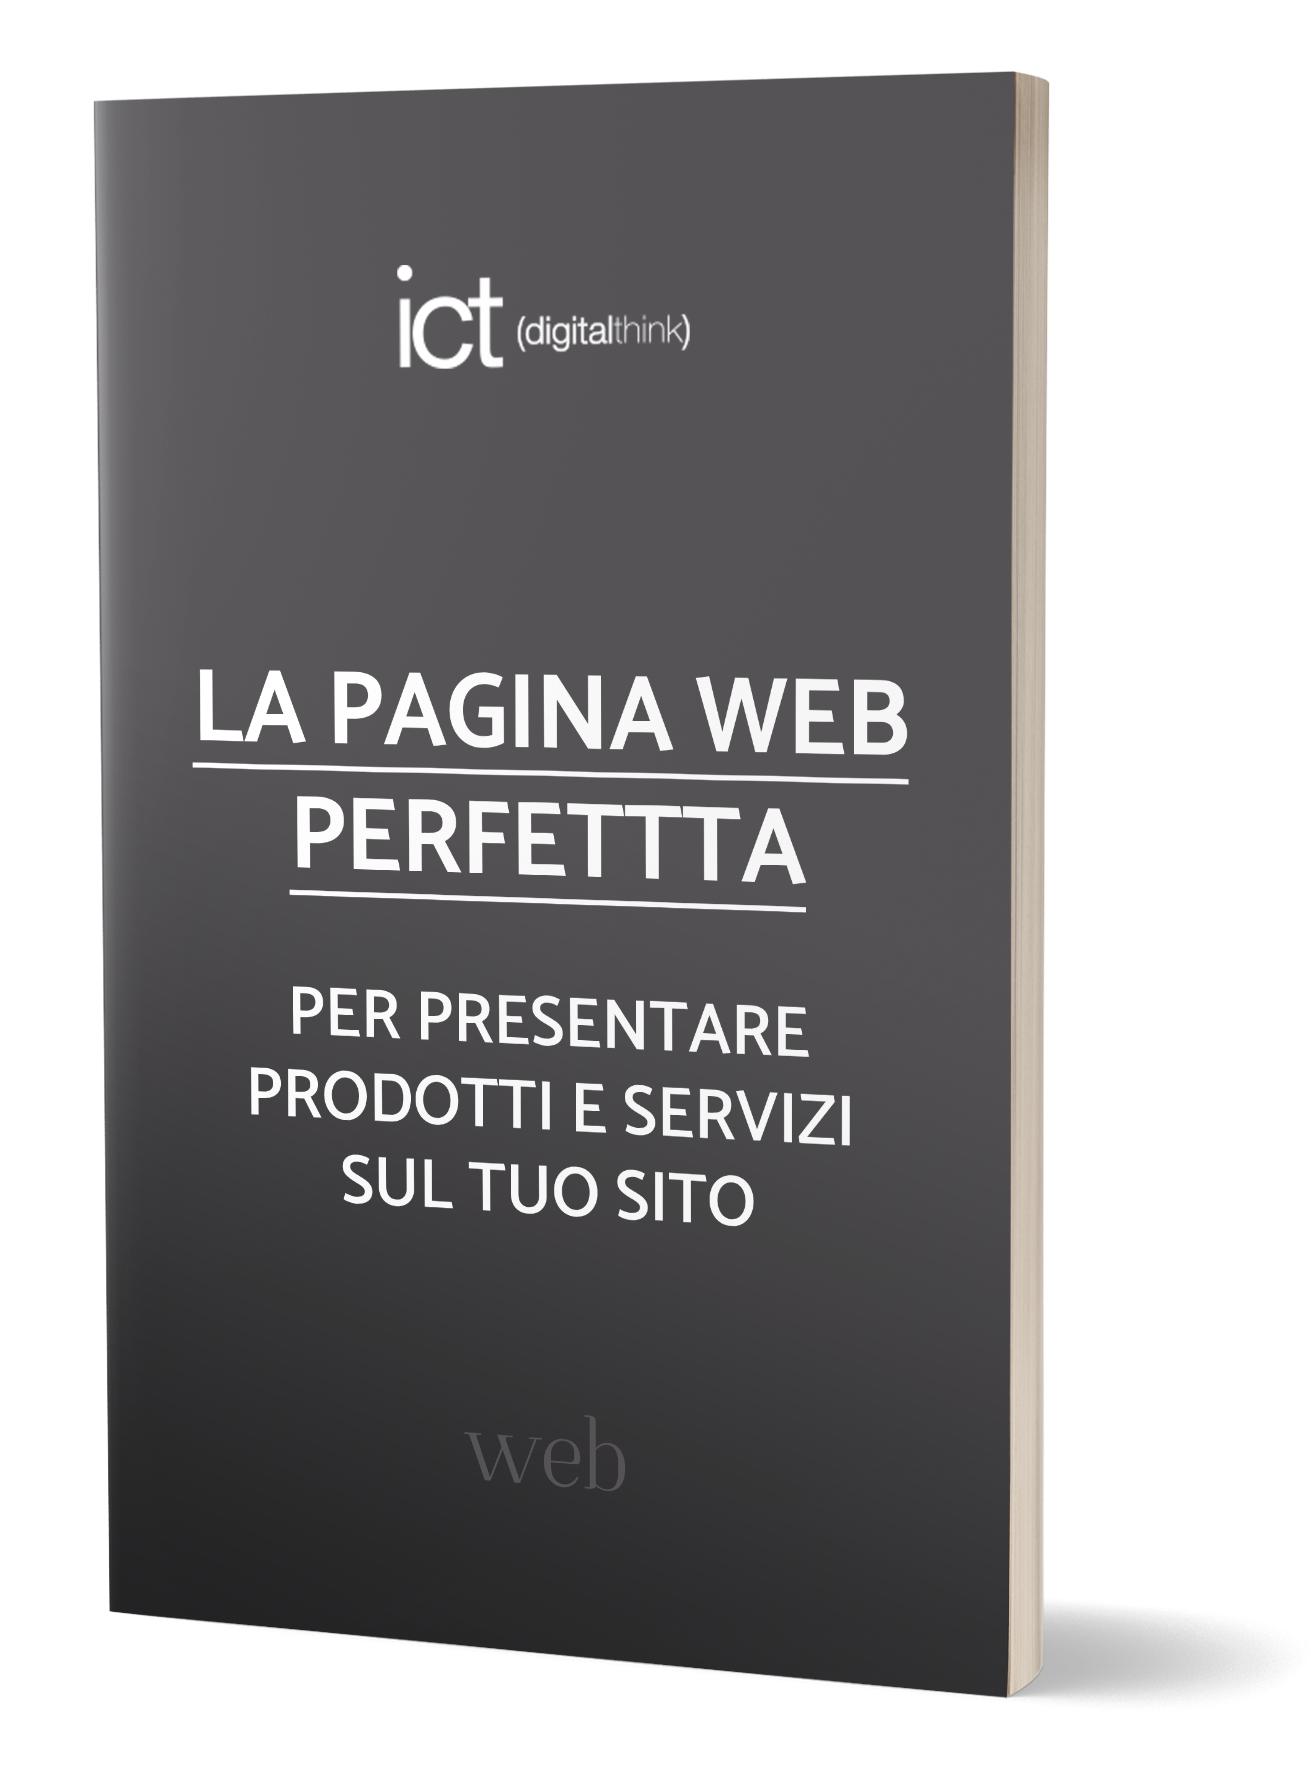 La PAGINA WEB PERFETTA per presentare prodotti e servizi con il sito web